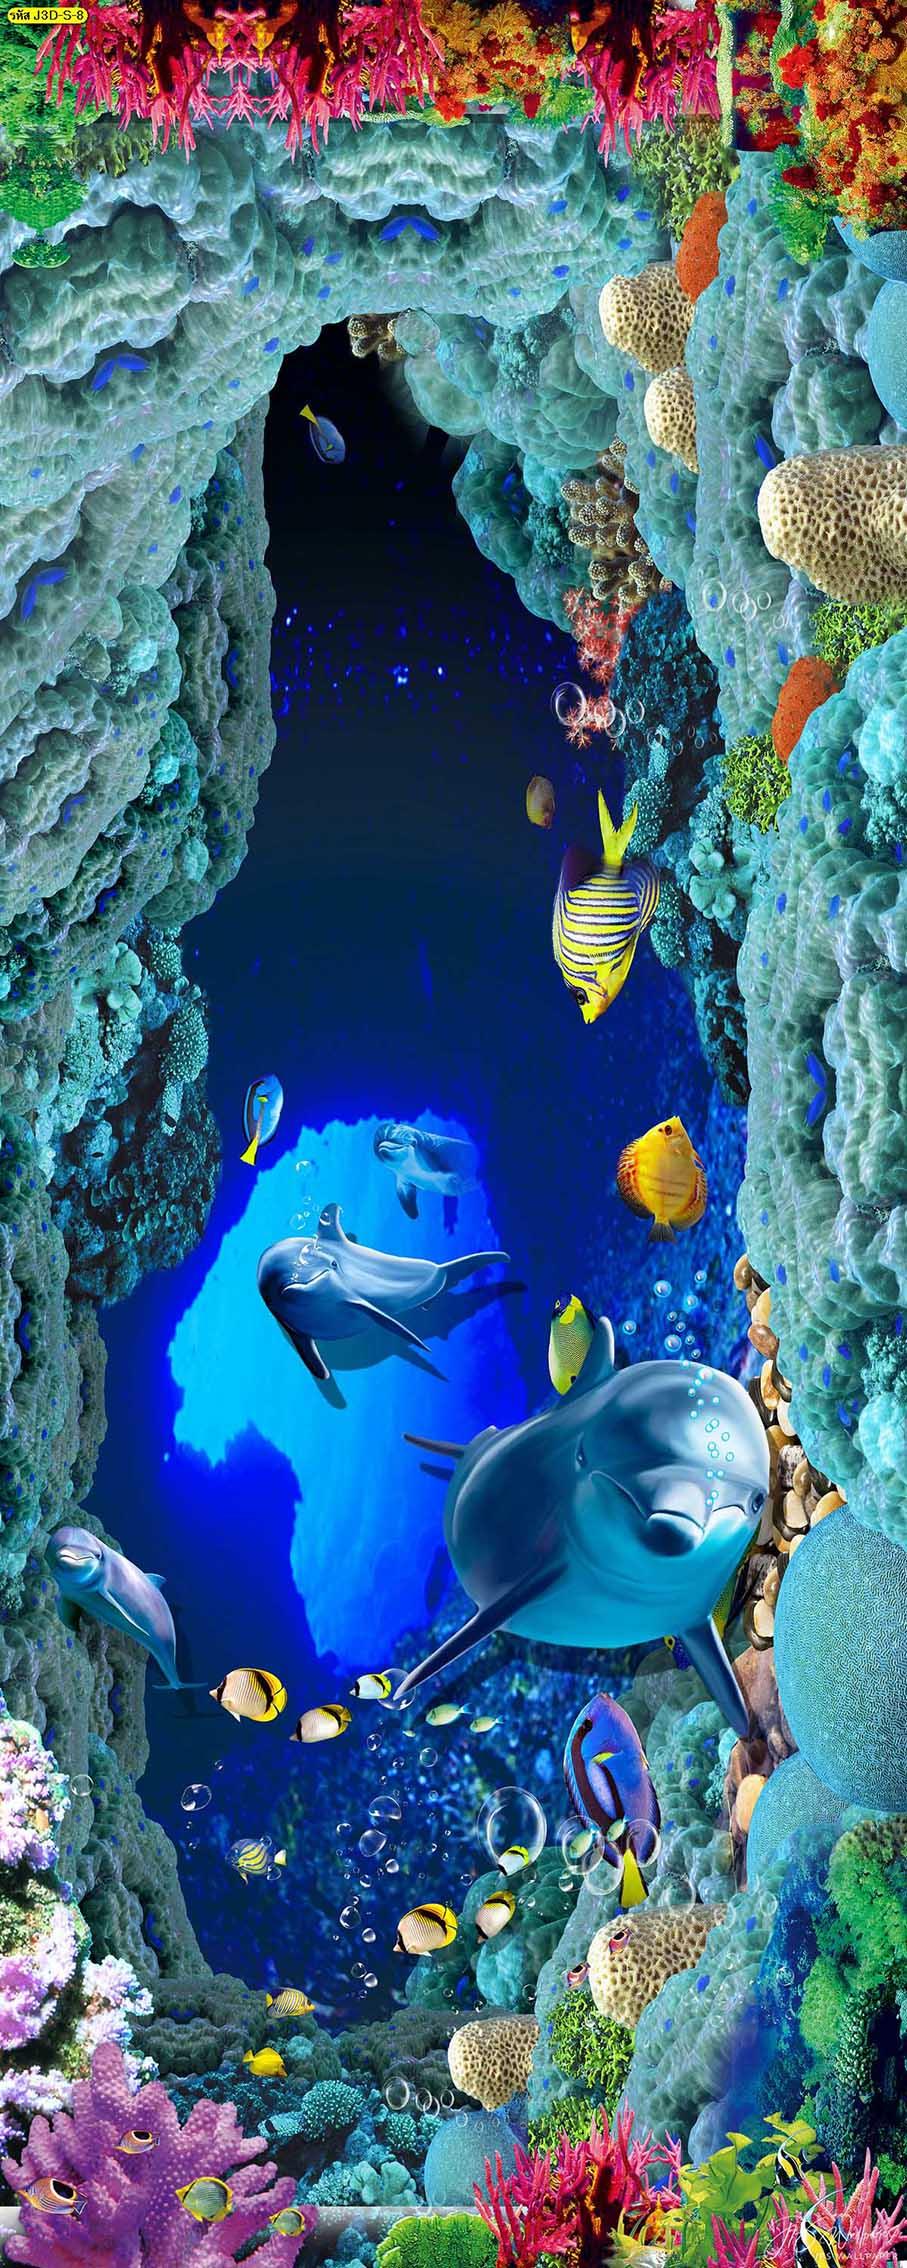 วอลเปเปอร์แนวตั้งโลมาใต้ท้องทะเลสวยๆ วอลเปเปอร์สามมิติ ภาพพิมพ์พื้นหลังสามมิติ